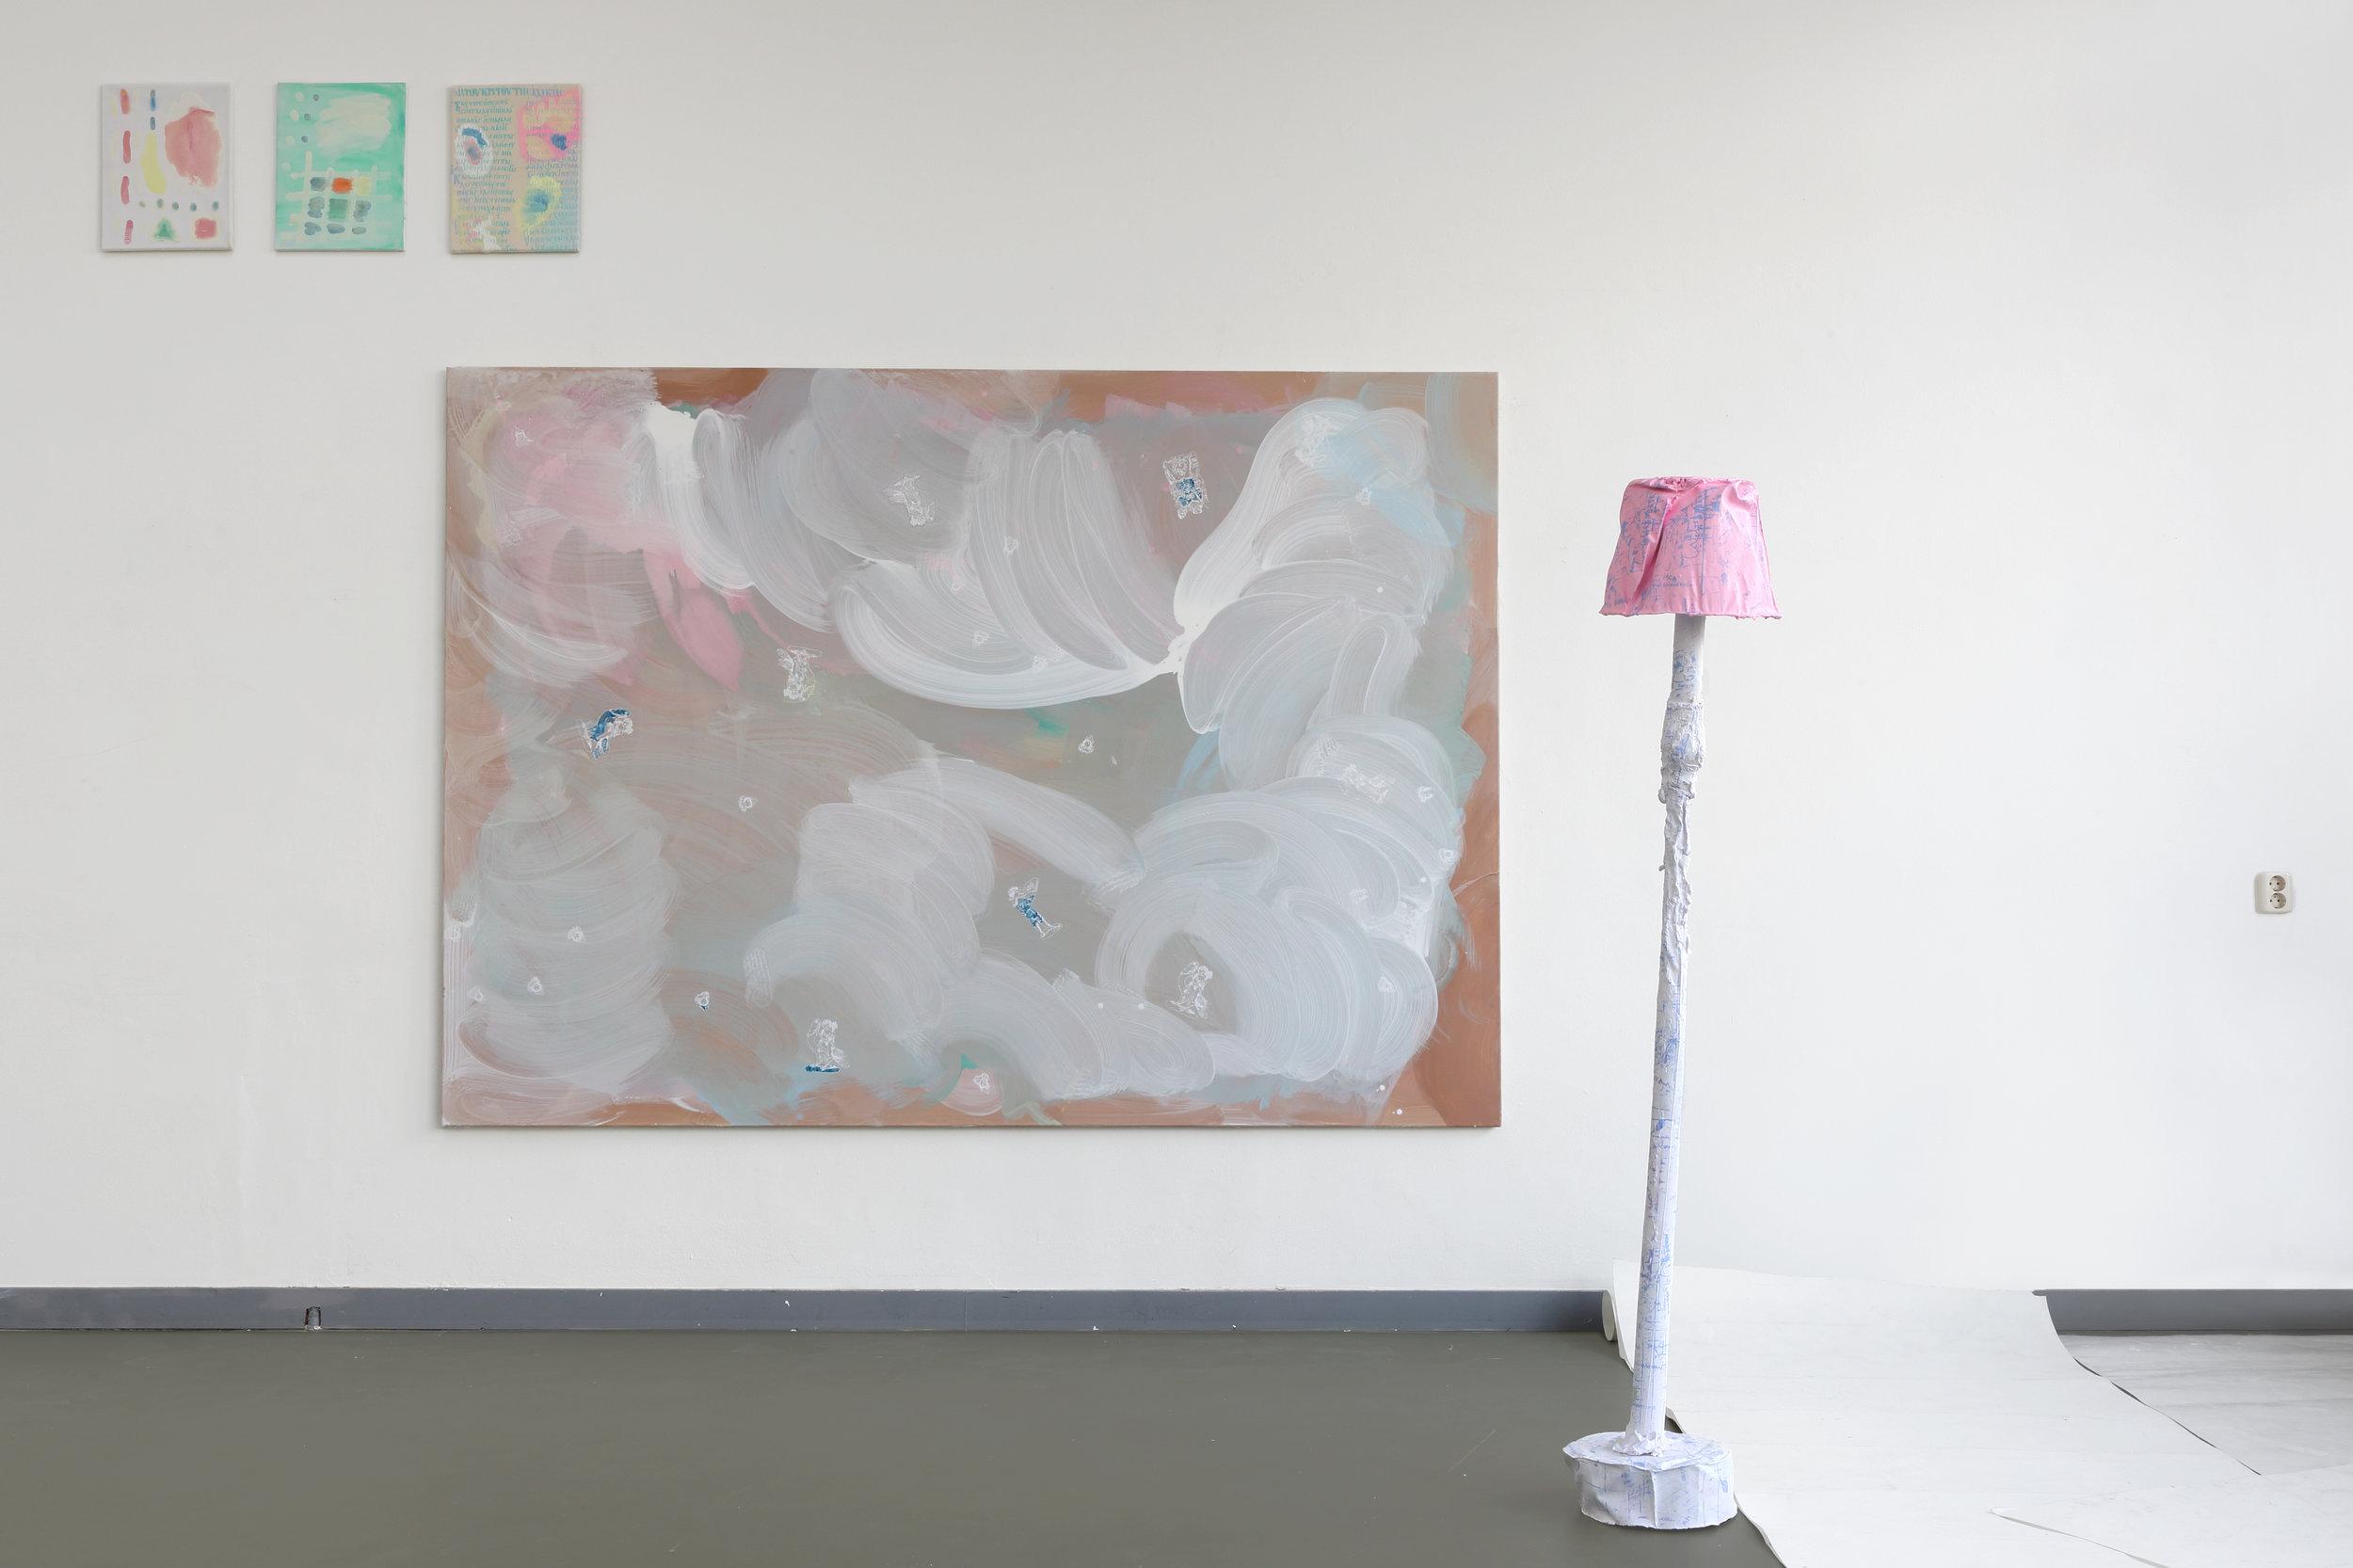 Installation view in progress, Mixed media, Van Eyck Maastricht, 2018